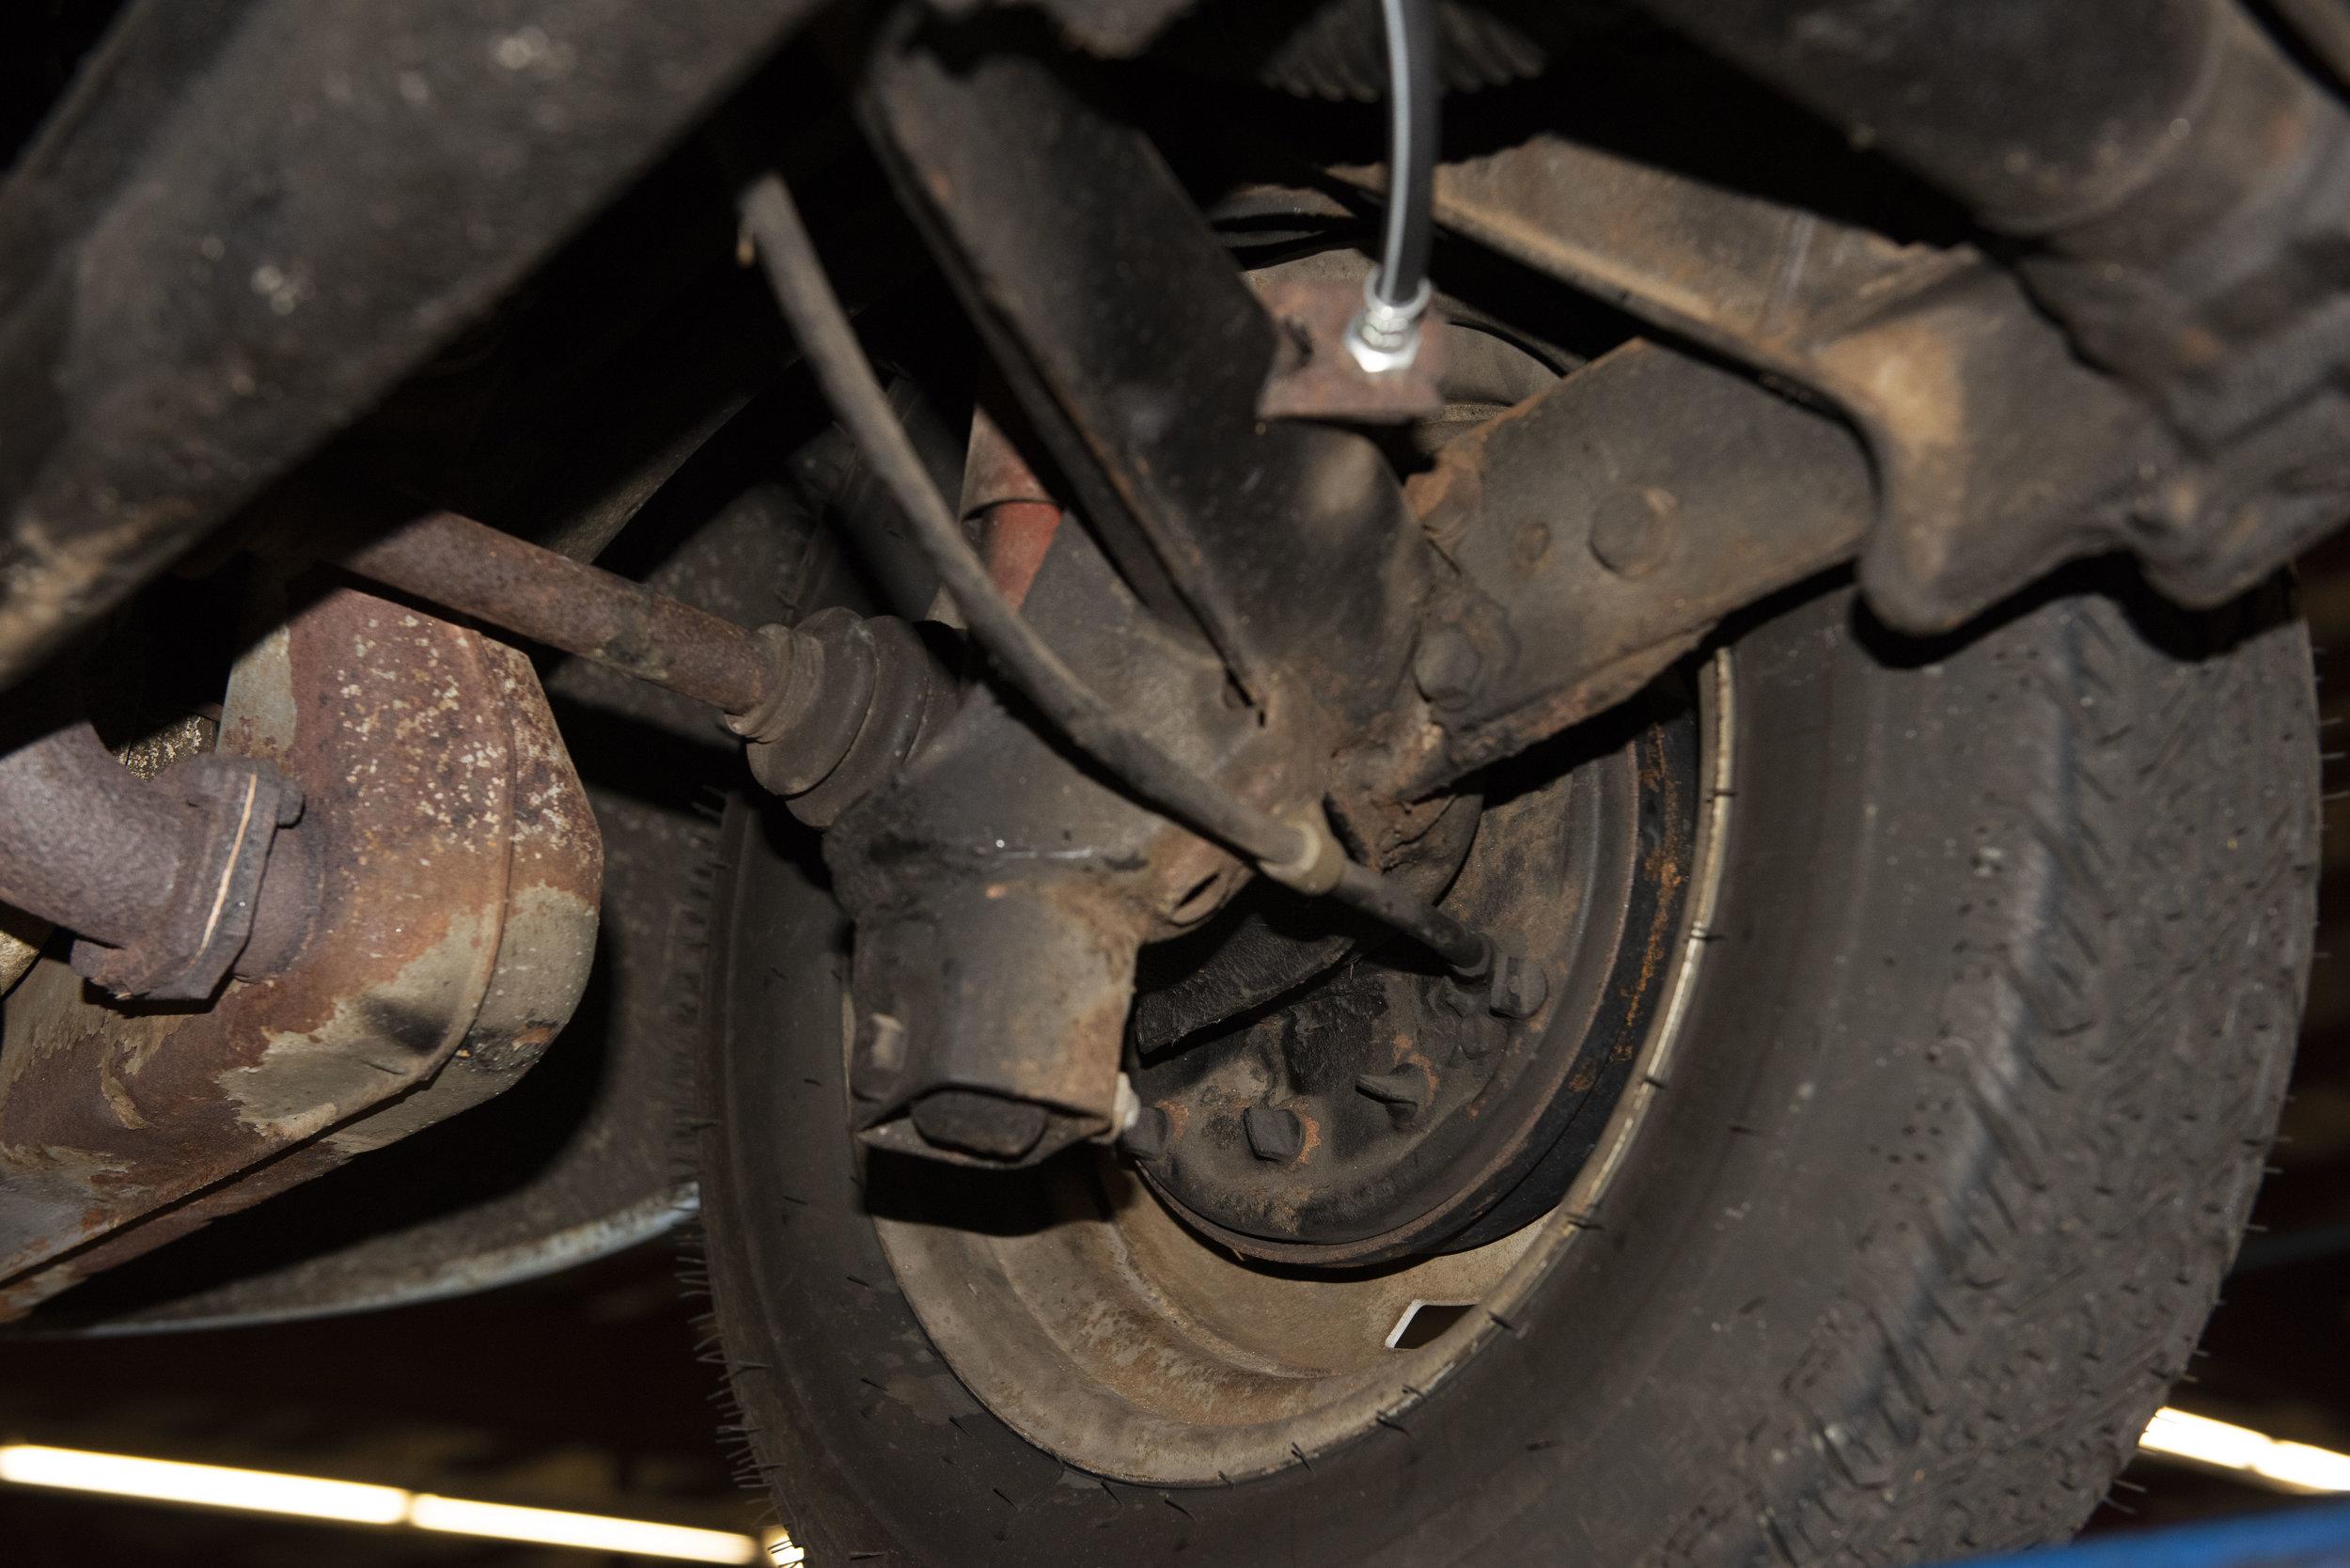 VW Bug Vert Underbody_010.JPG